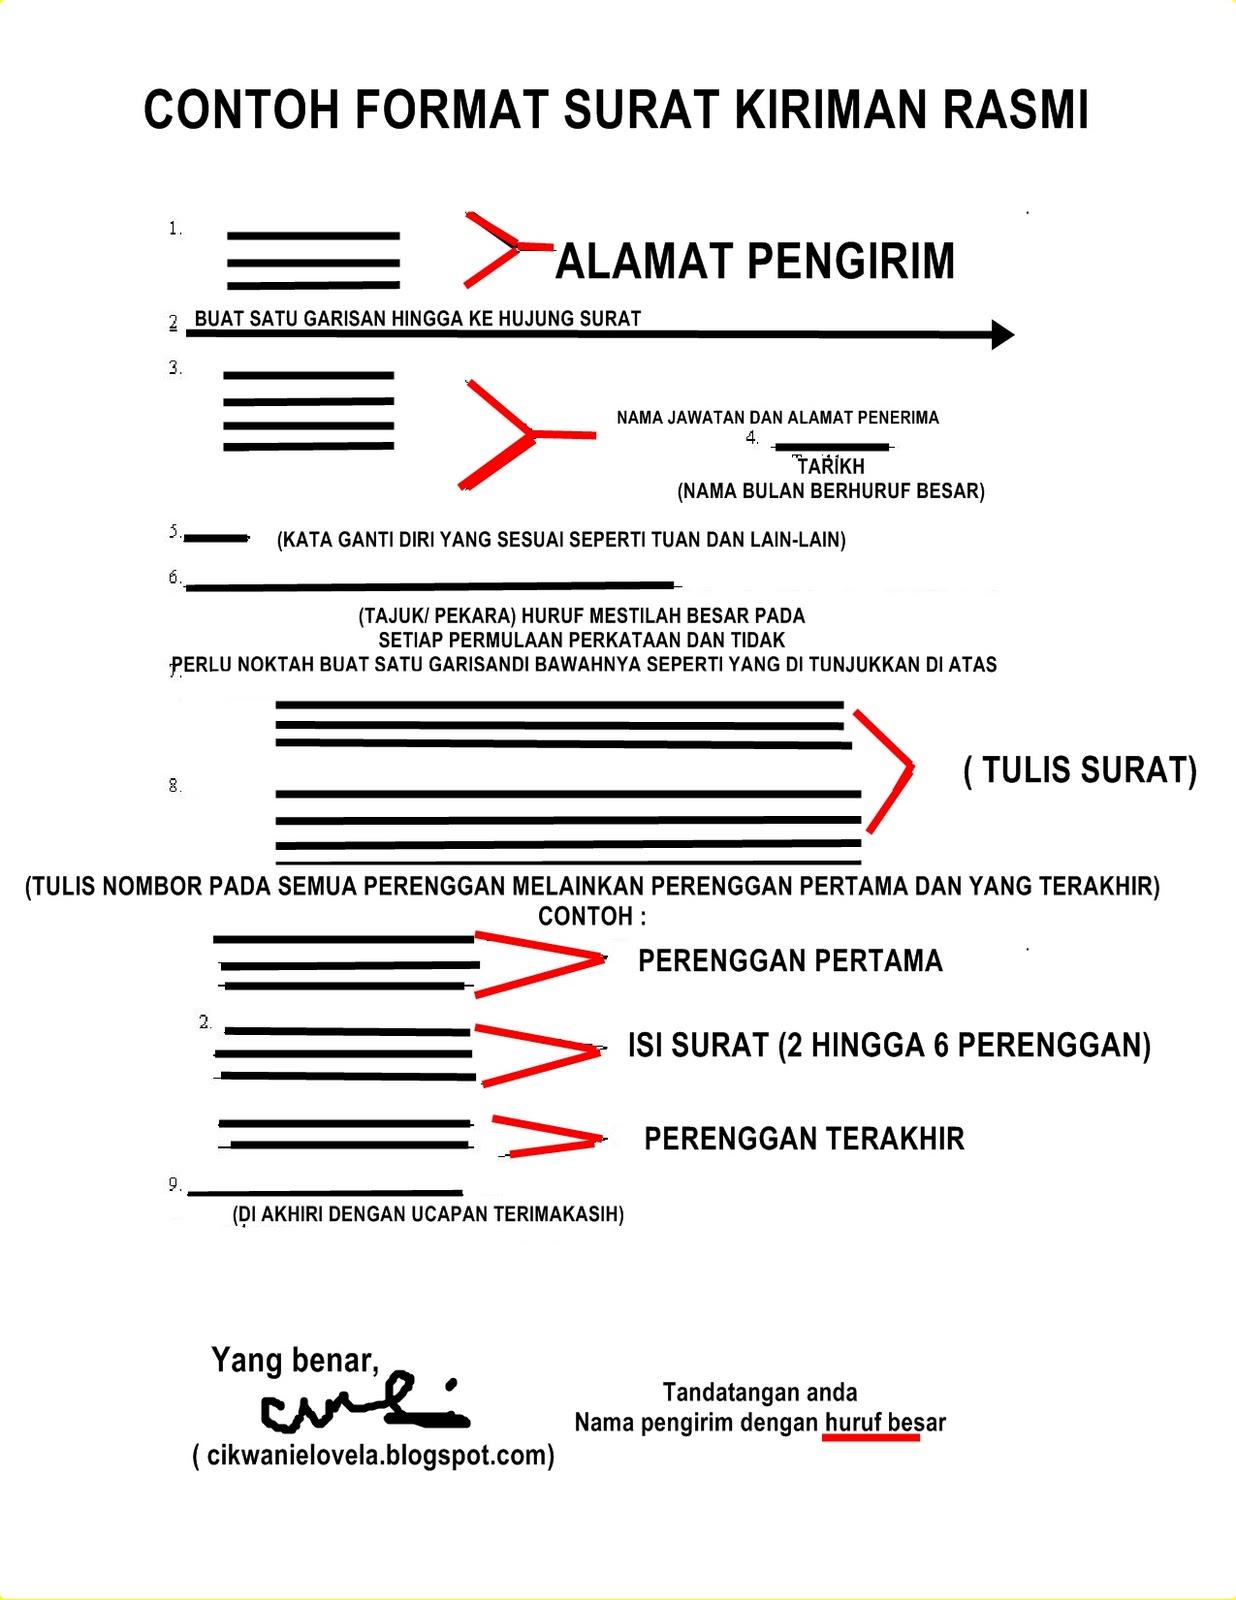 Contoh Surat Rasmi Pembatalan Pinjaman - Wall PPX